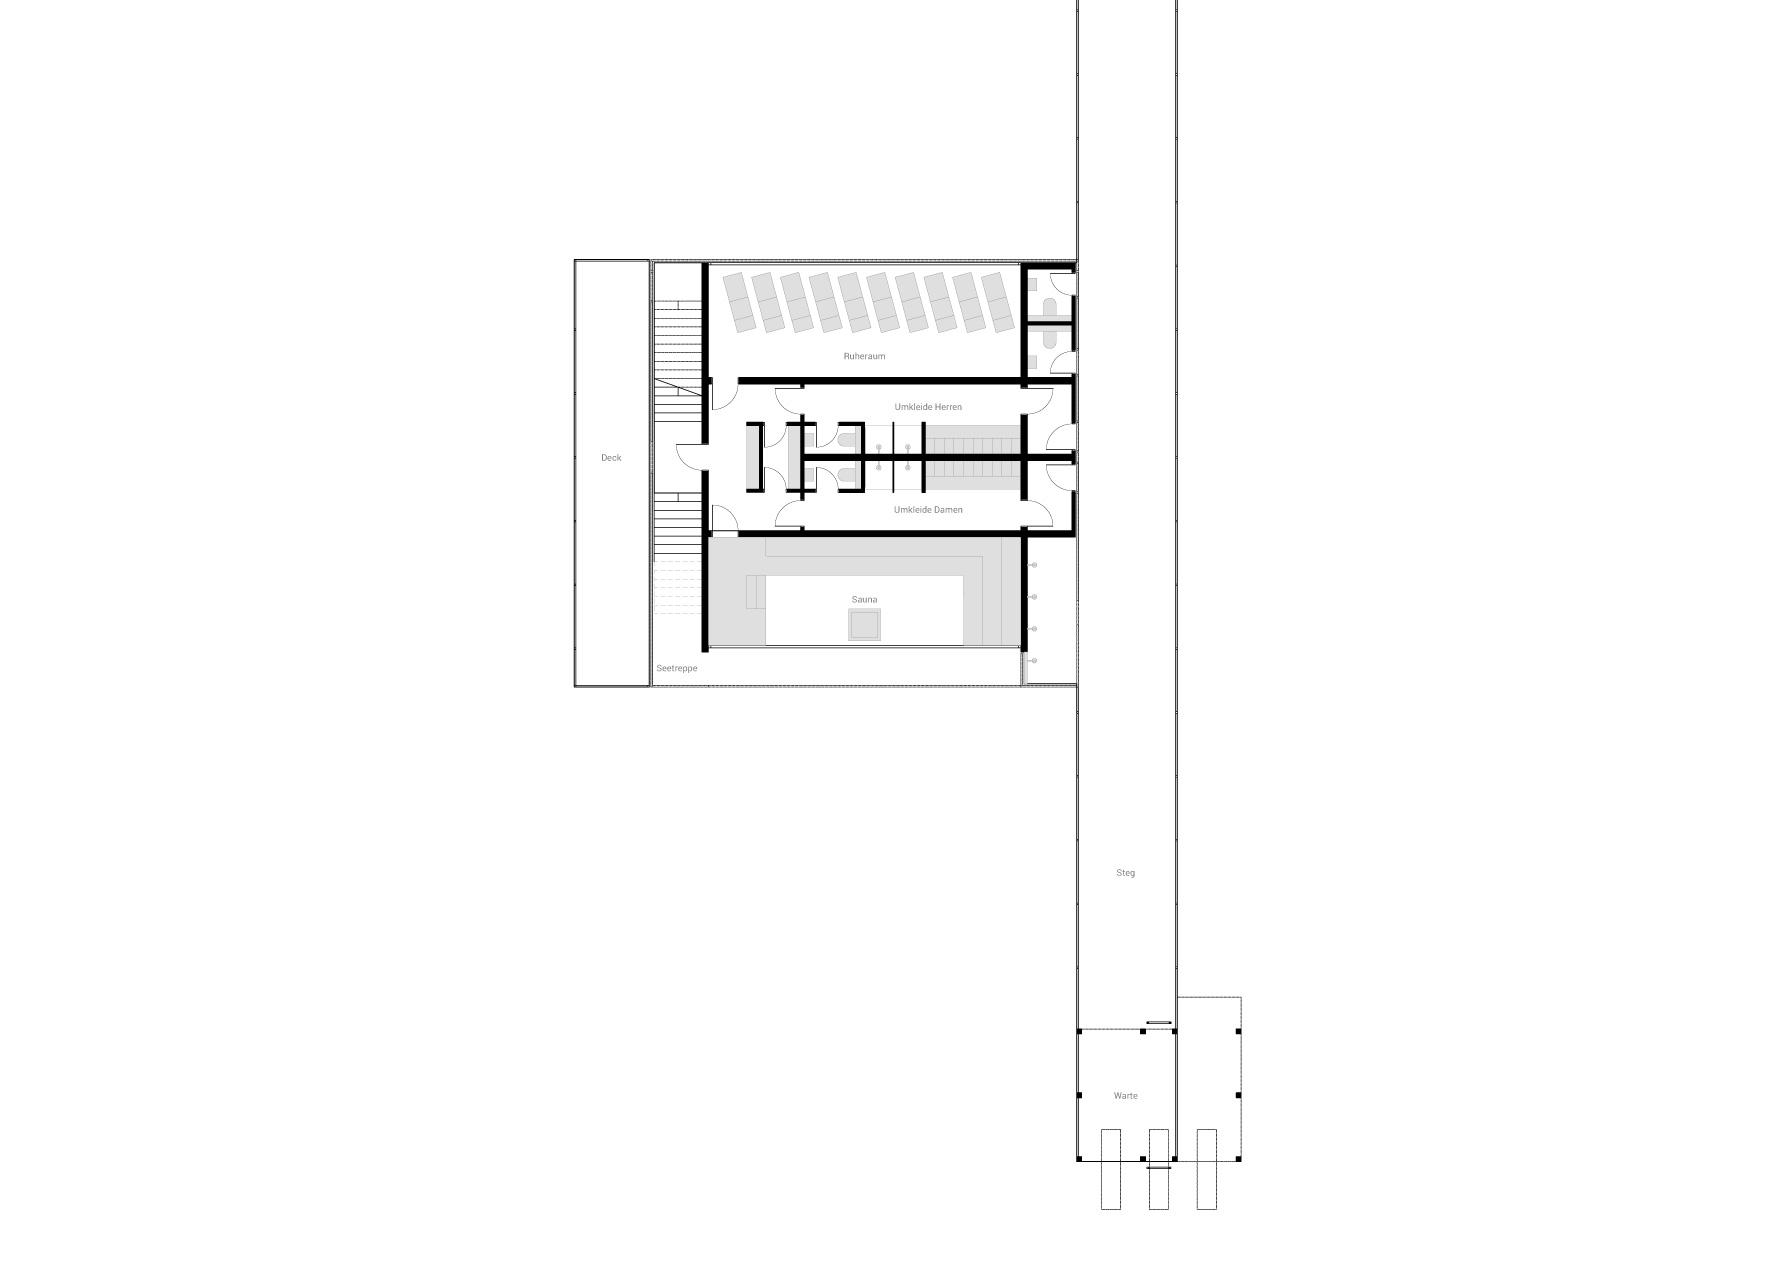 KUBIK Architektur - Studio für Architektur Berlin - architecture - Projekt - Seesauna - Grundriss